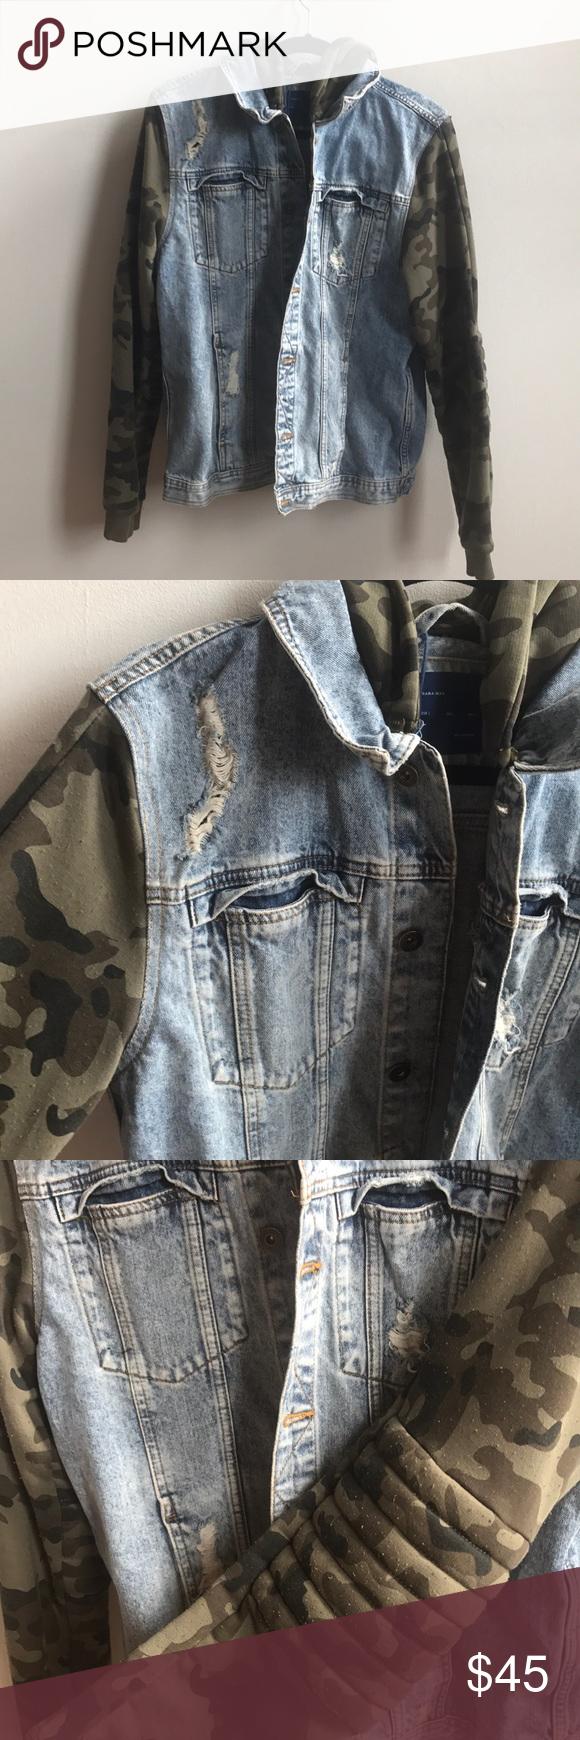 Zara Men S Camo Jean Jacket Camo Jeans Zara Jackets Jean Jacket [ 1740 x 580 Pixel ]